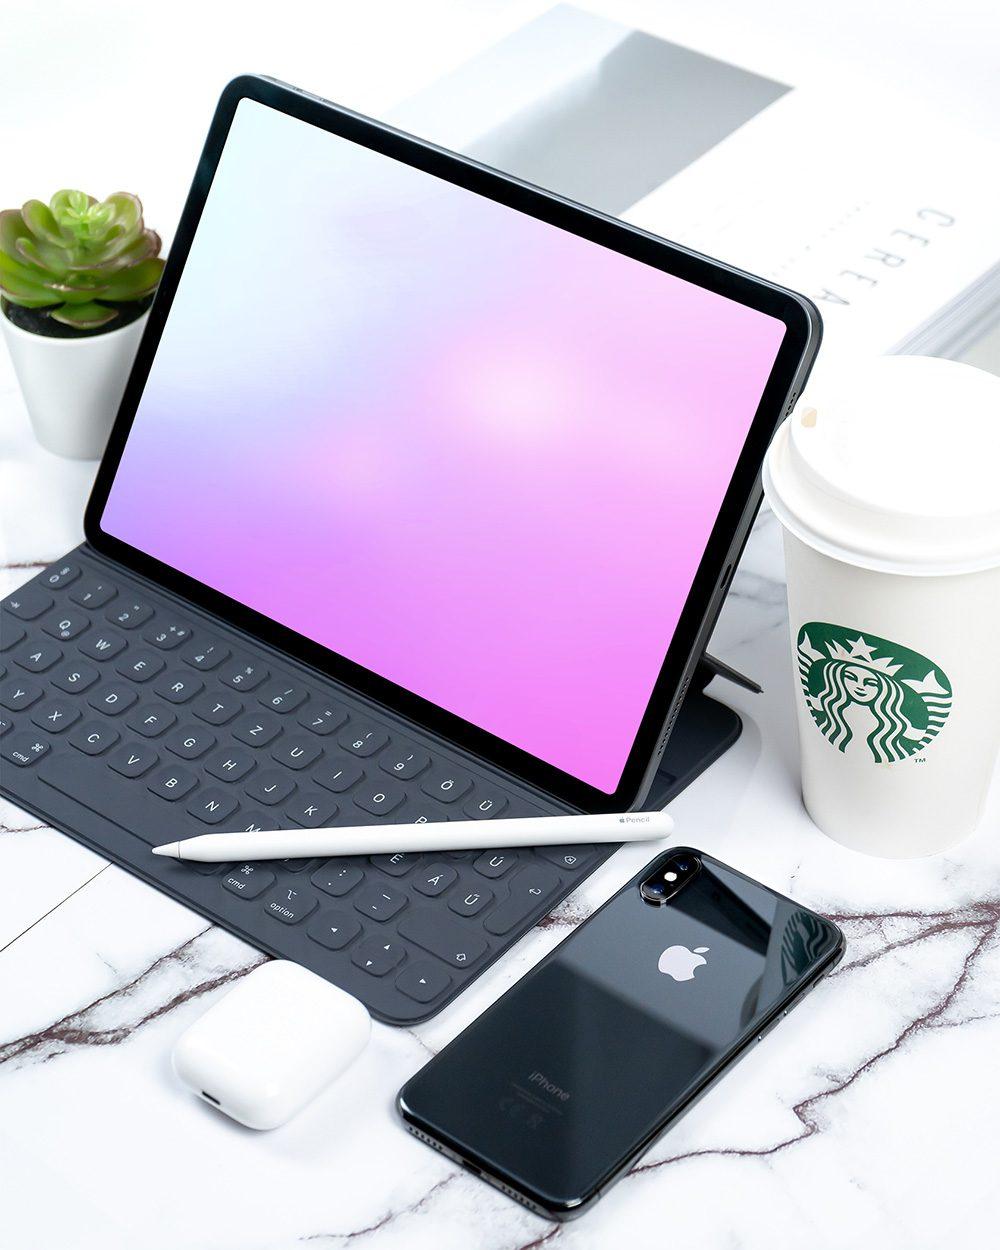 20-ipad-pro-on-desk-mockup